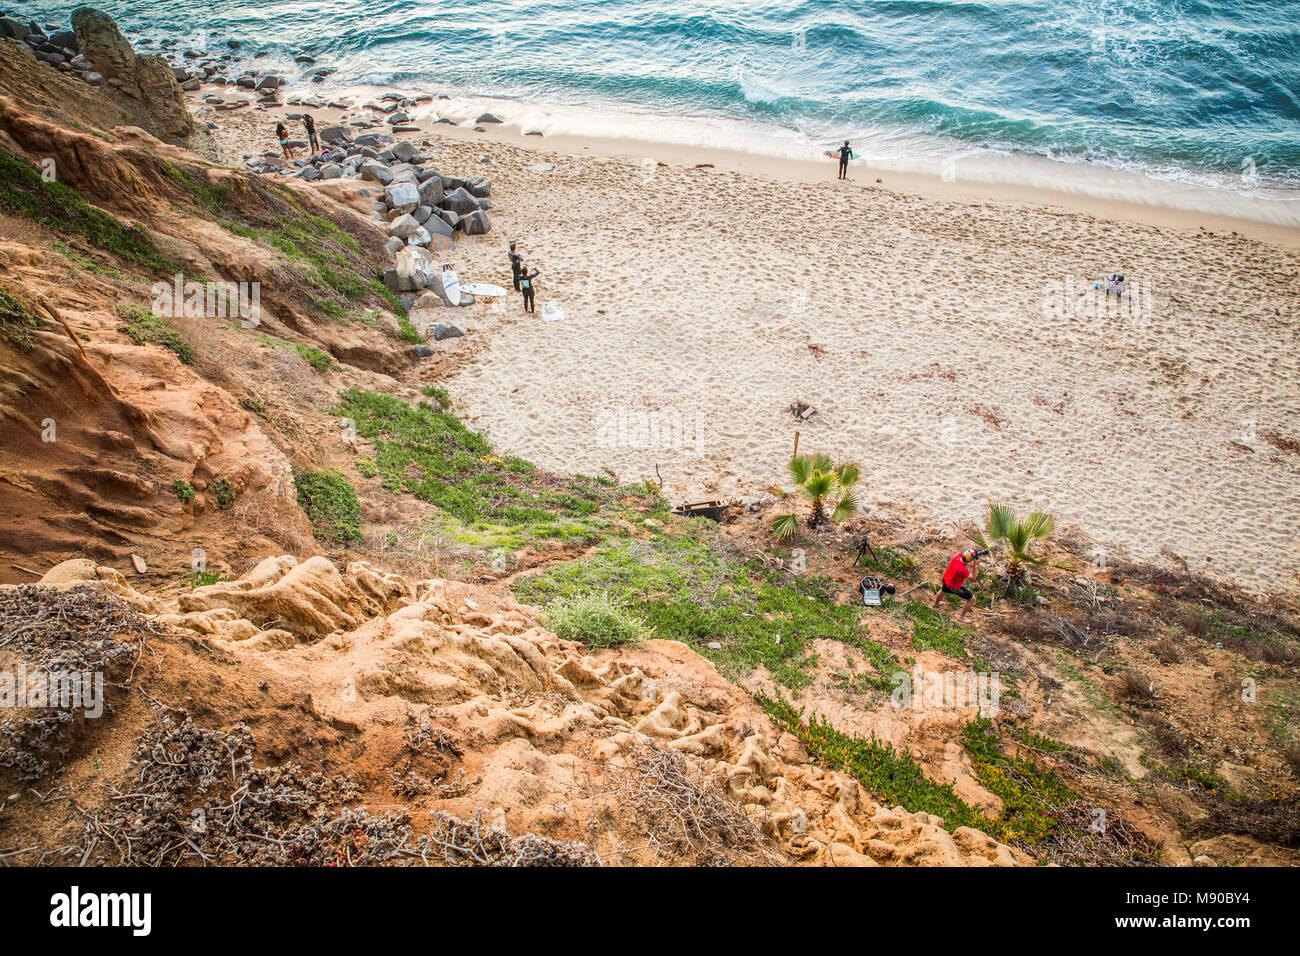 Point Loma San Diego Stockfotos & Point Loma San Diego Bilder - Alamy